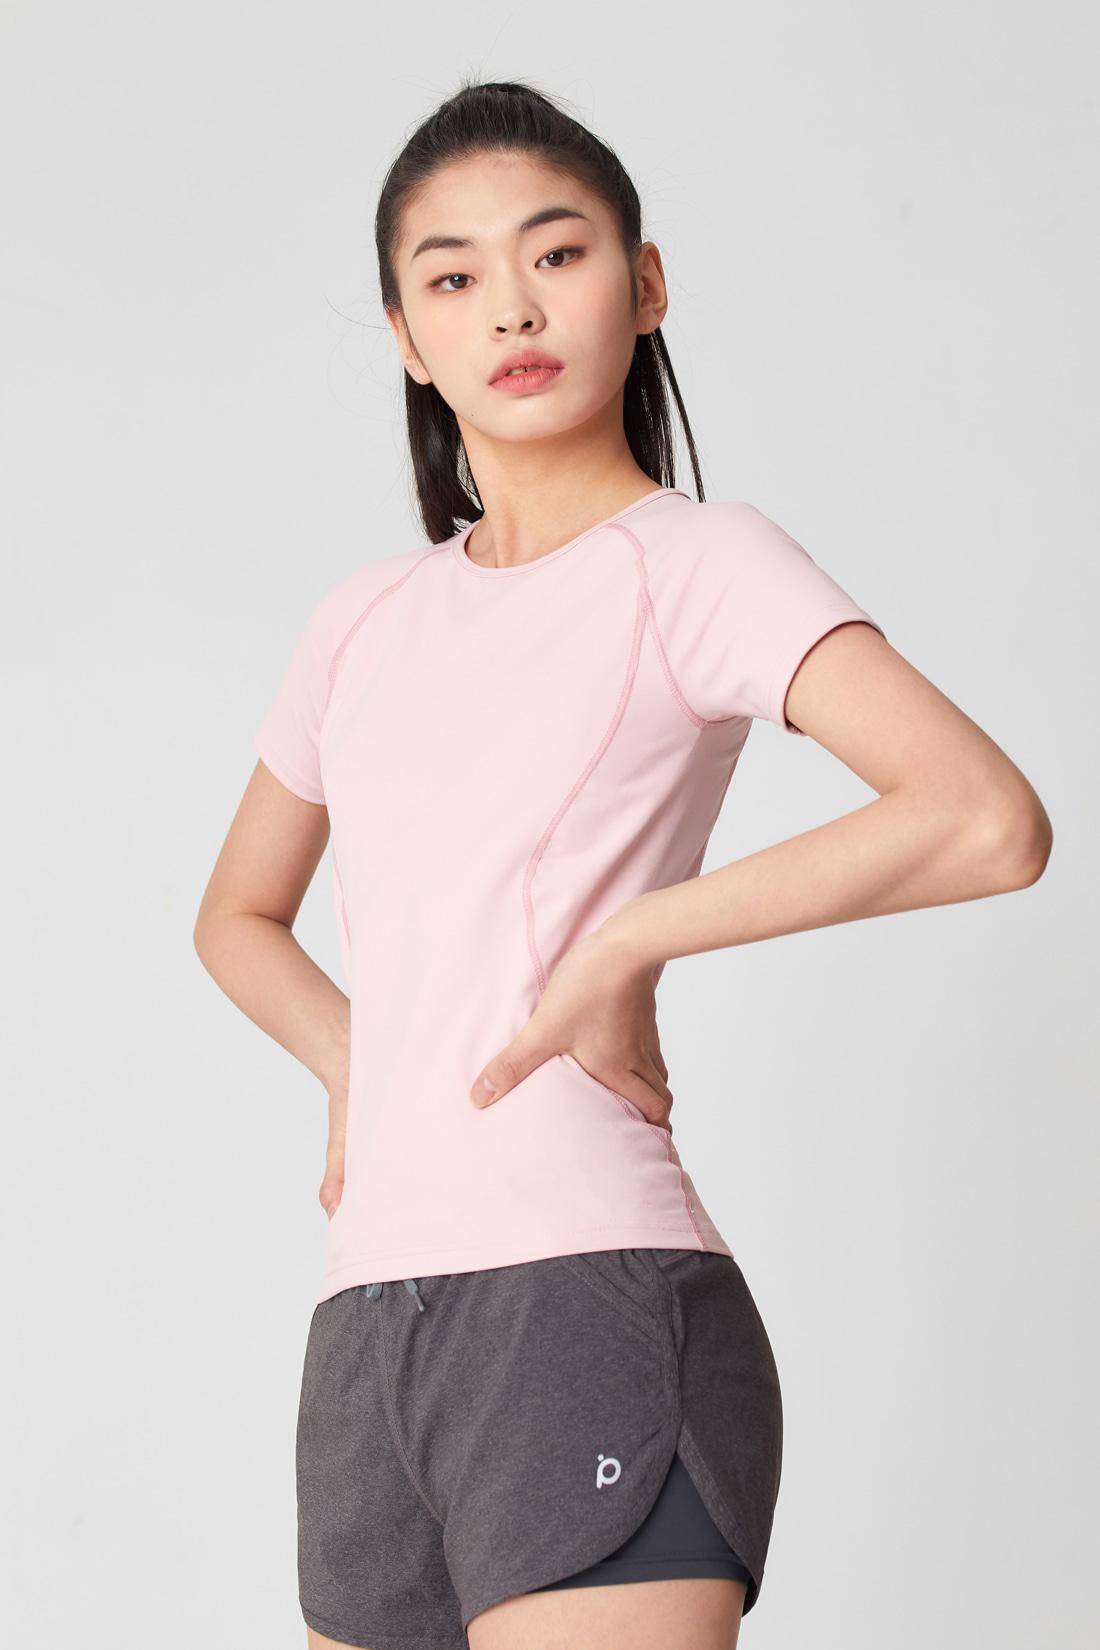 [5차] 글램 티셔츠 라이트핑크 Light pink